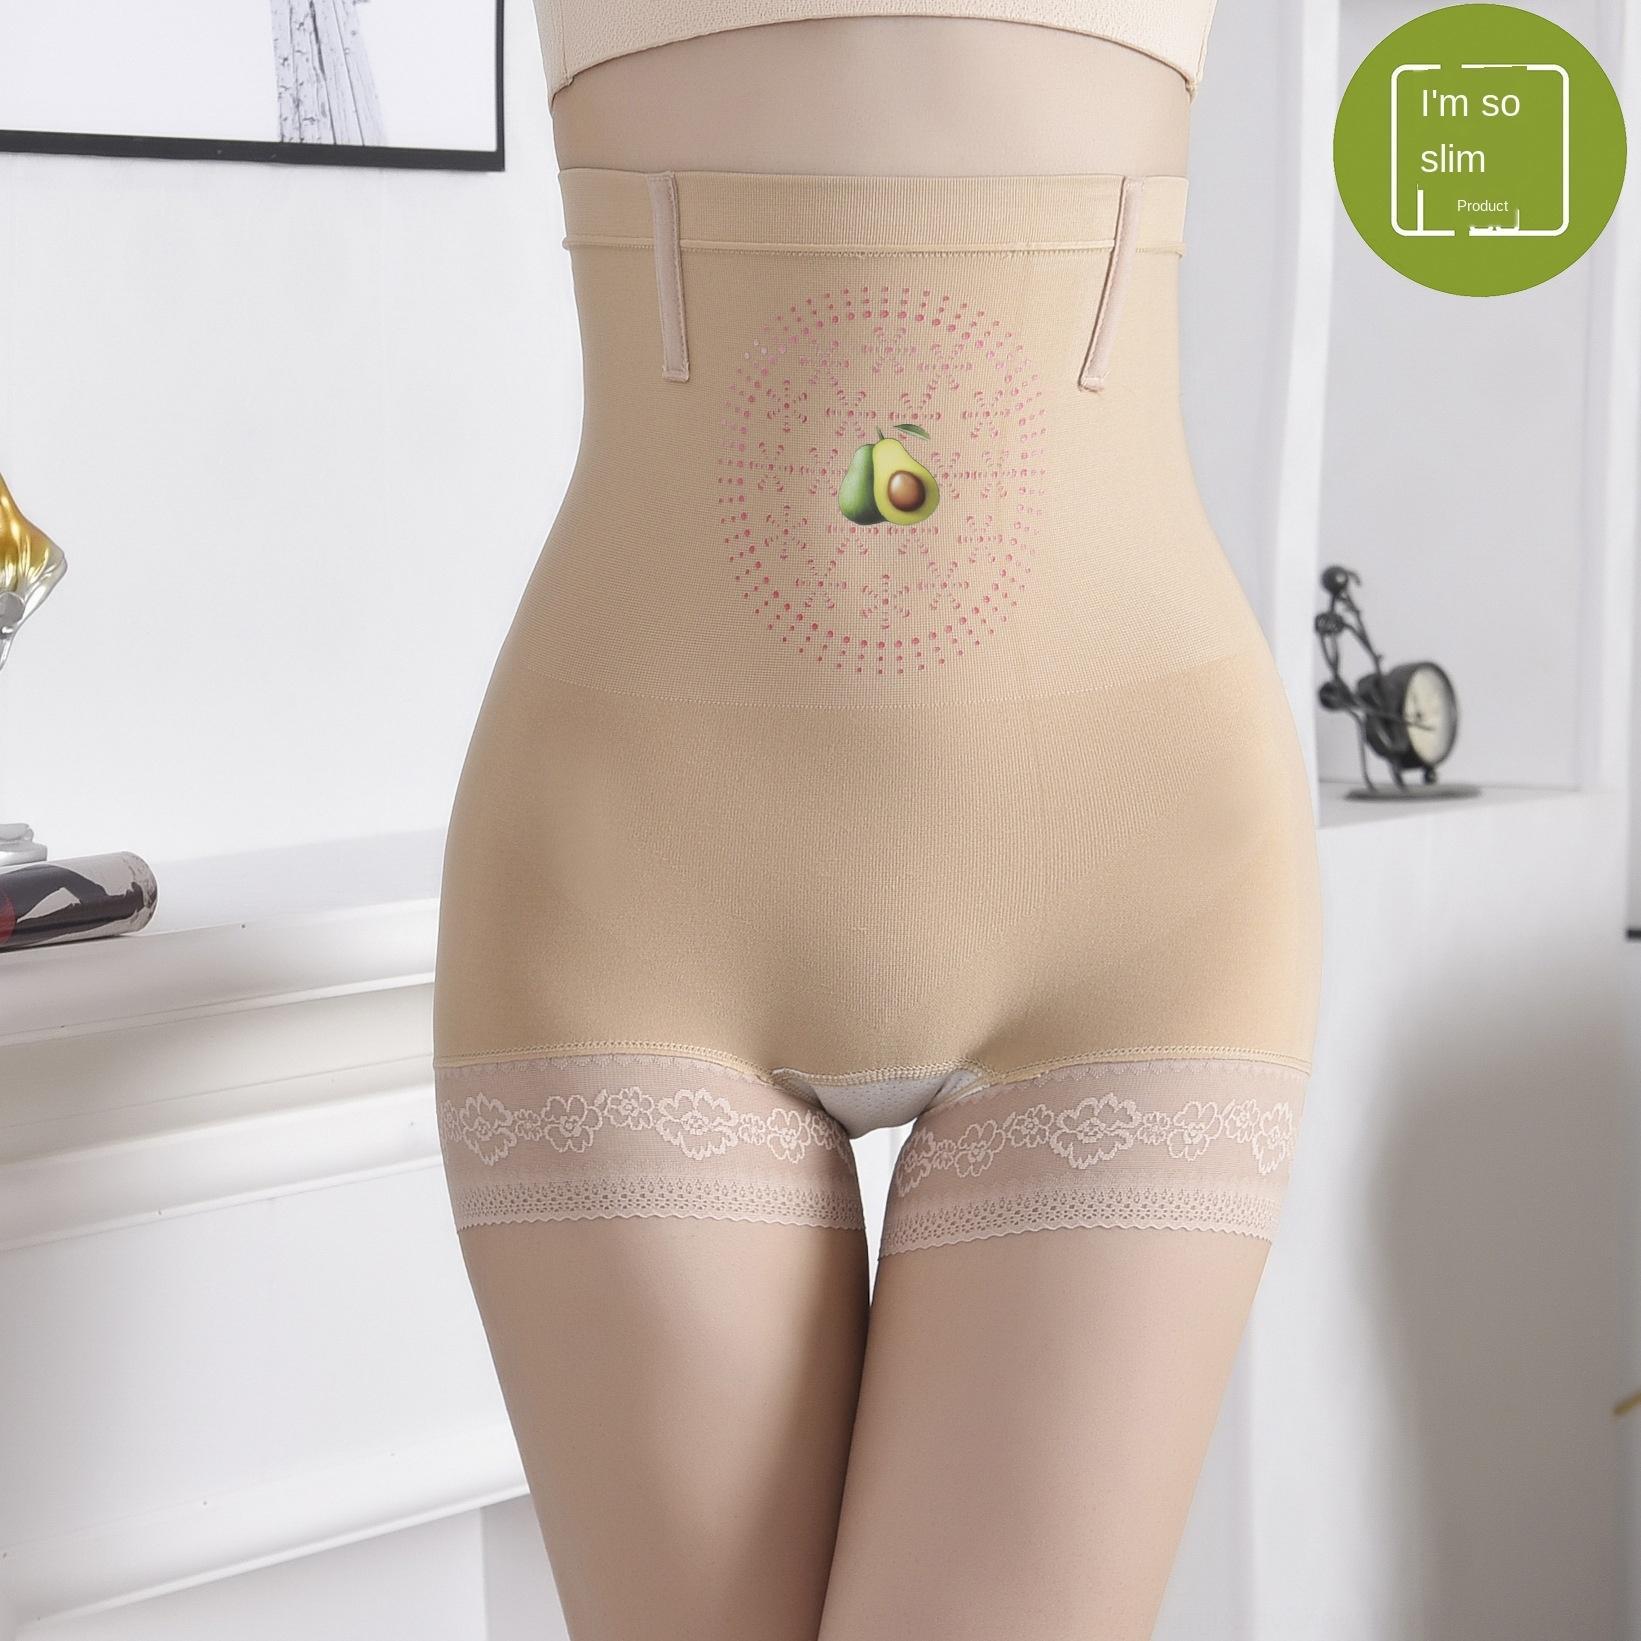 cKhBY Shea piel hidratante manteca de los pantalones del vientre de cintura alta sin rizar la cadera del estómago después del parto levantar pequeña cintura calzoncillos planas Leggin